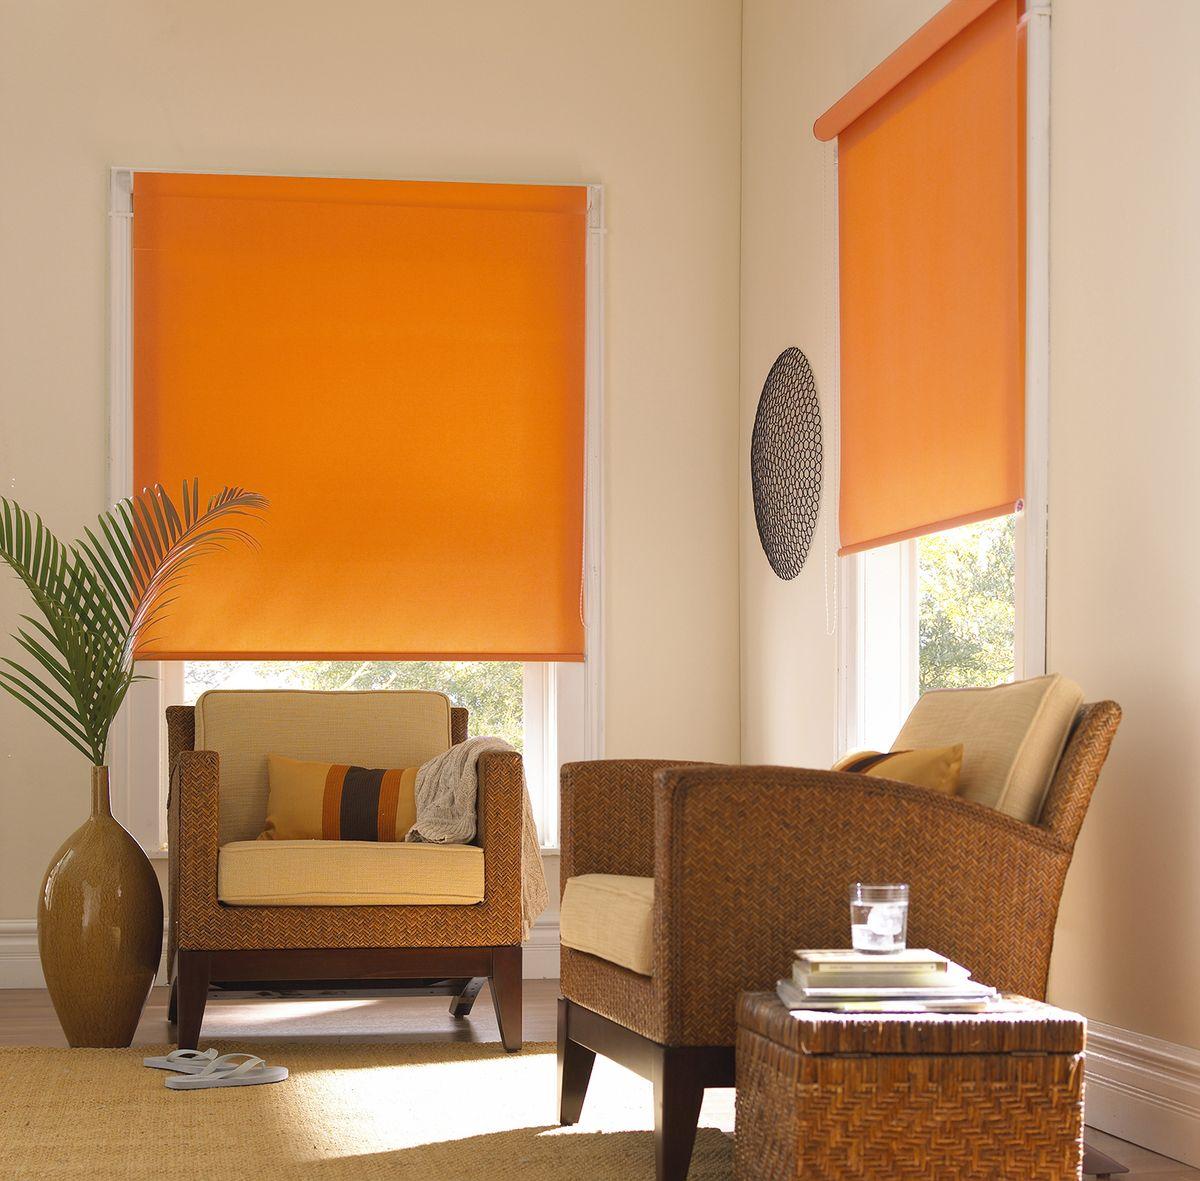 Штора рулонная Эскар Миниролло, цвет: апельсин, ширина 73 см, высота 170 см80621Рулонная штора Эскар Миниролло выполнена из высокопрочной ткани, которая сохраняет свой размер даже при намокании. Ткань не выцветает и обладает отличной цветоустойчивостью.Миниролло - это подвид рулонных штор, который закрывает не весь оконный проем, а непосредственно само стекло. Такие шторы крепятся на раму без сверления при помощи зажимов или клейкой двухсторонней ленты (в комплекте). Окно остается на гарантии, благодаря монтажу без сверления. Такая штора станет прекрасным элементом декора окна и гармонично впишется в интерьер любого помещения.